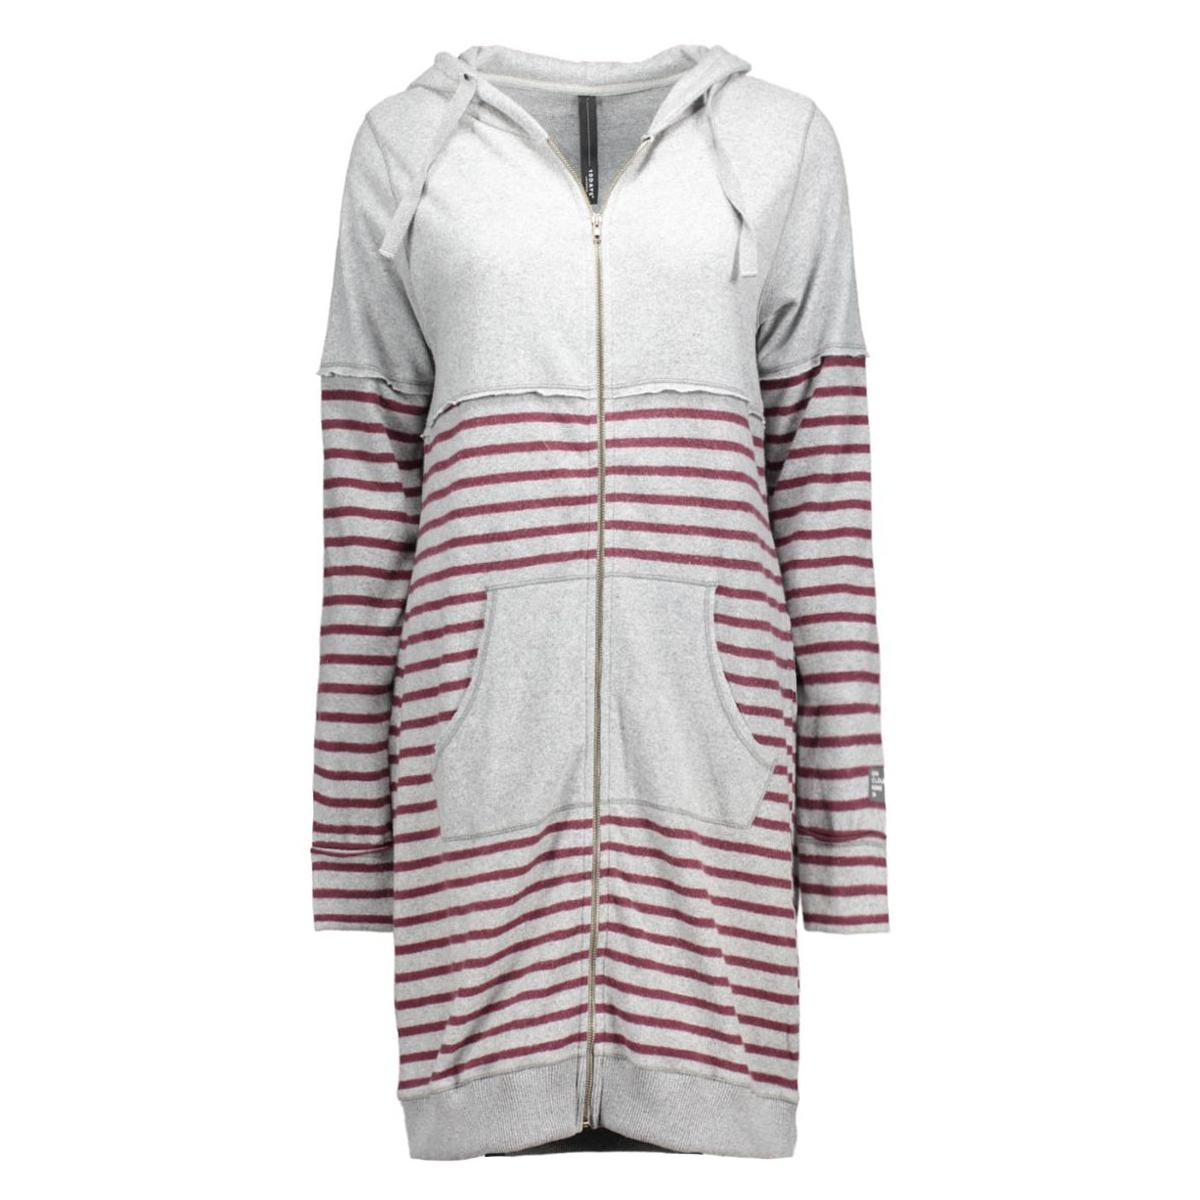 16wi850 10 days vest light grey